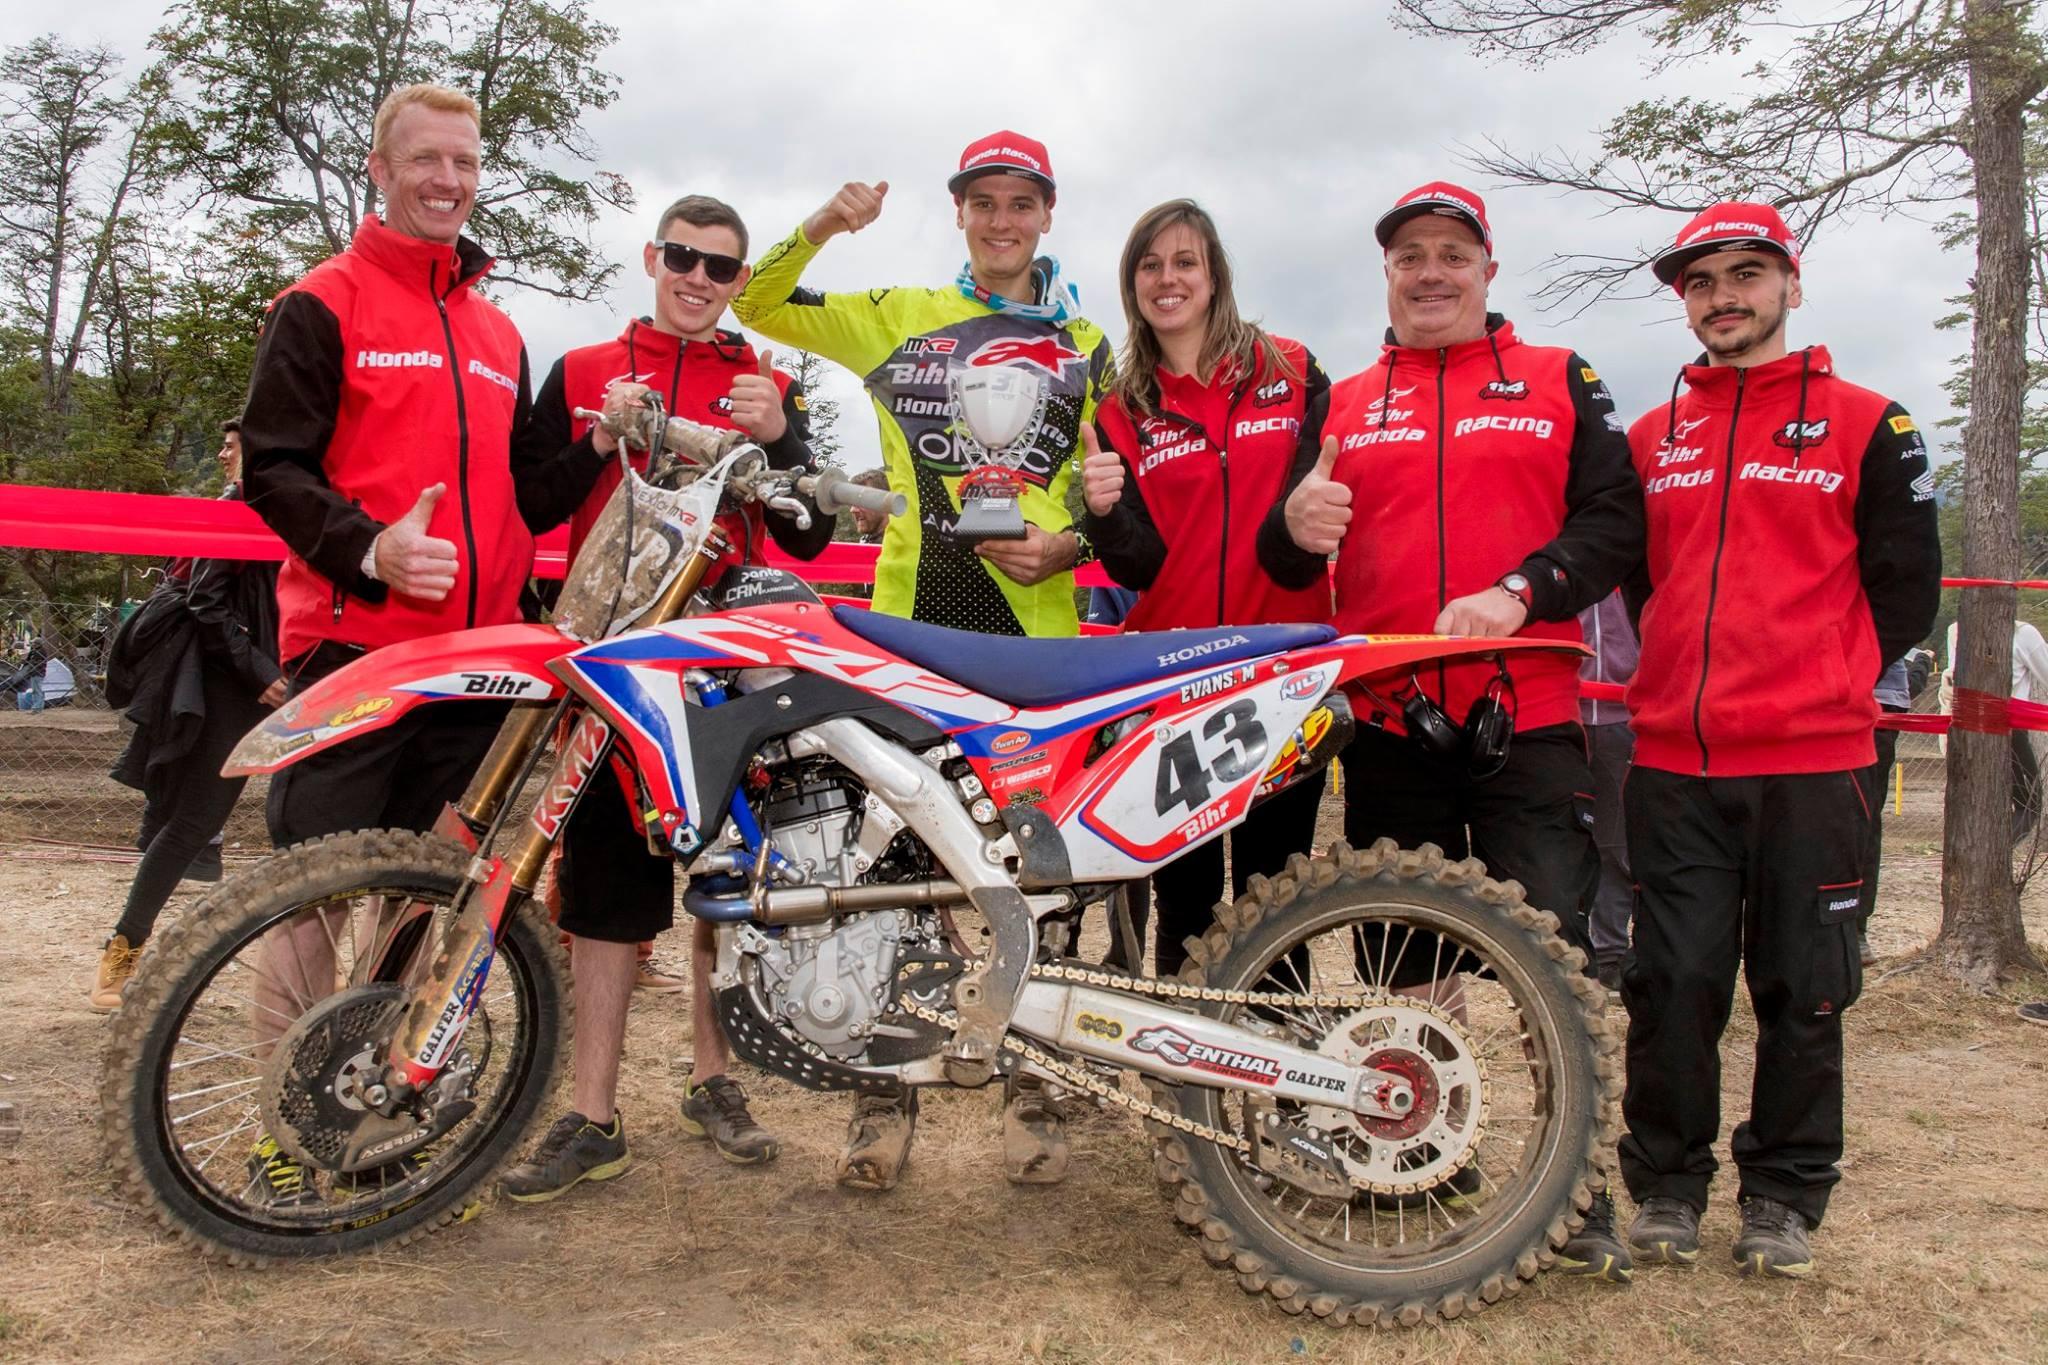 MXGP Rnd Patagonia Mitch Evans CreditTeamMotorsportsFacebook